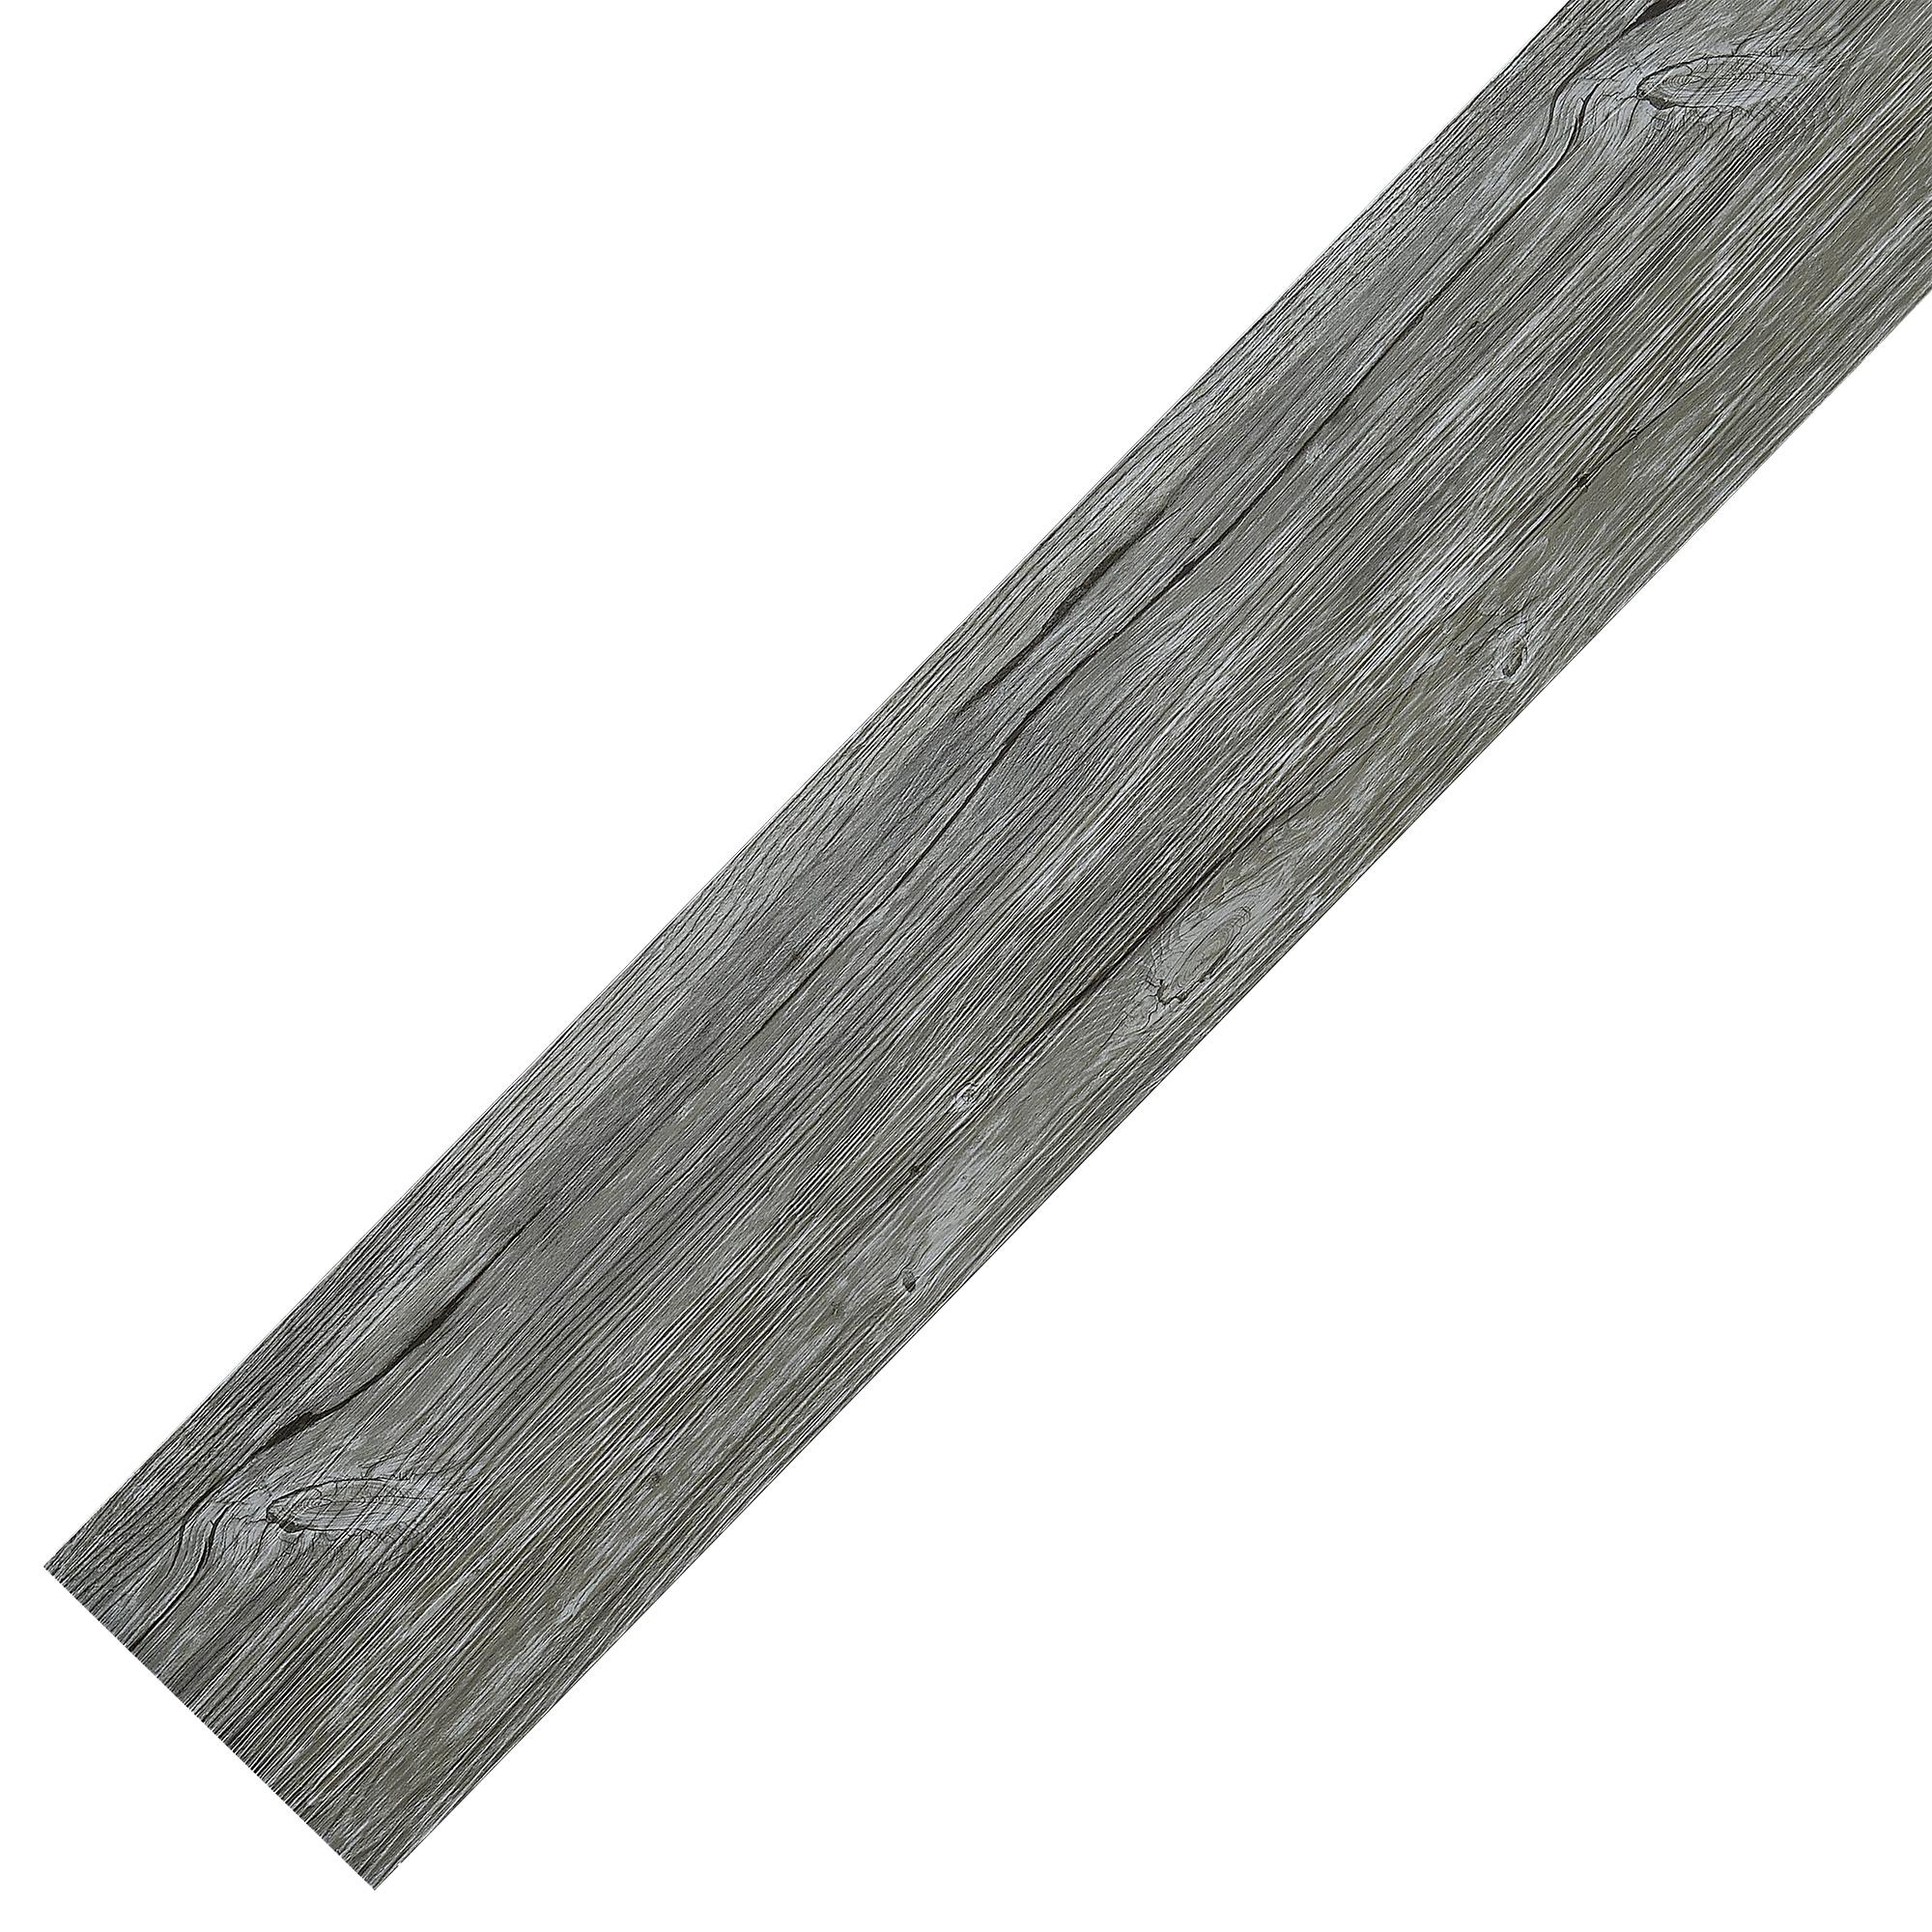 neu holz 1 11m vinyl laminat dielen planken eiche wenge nussbaum boden ebay. Black Bedroom Furniture Sets. Home Design Ideas